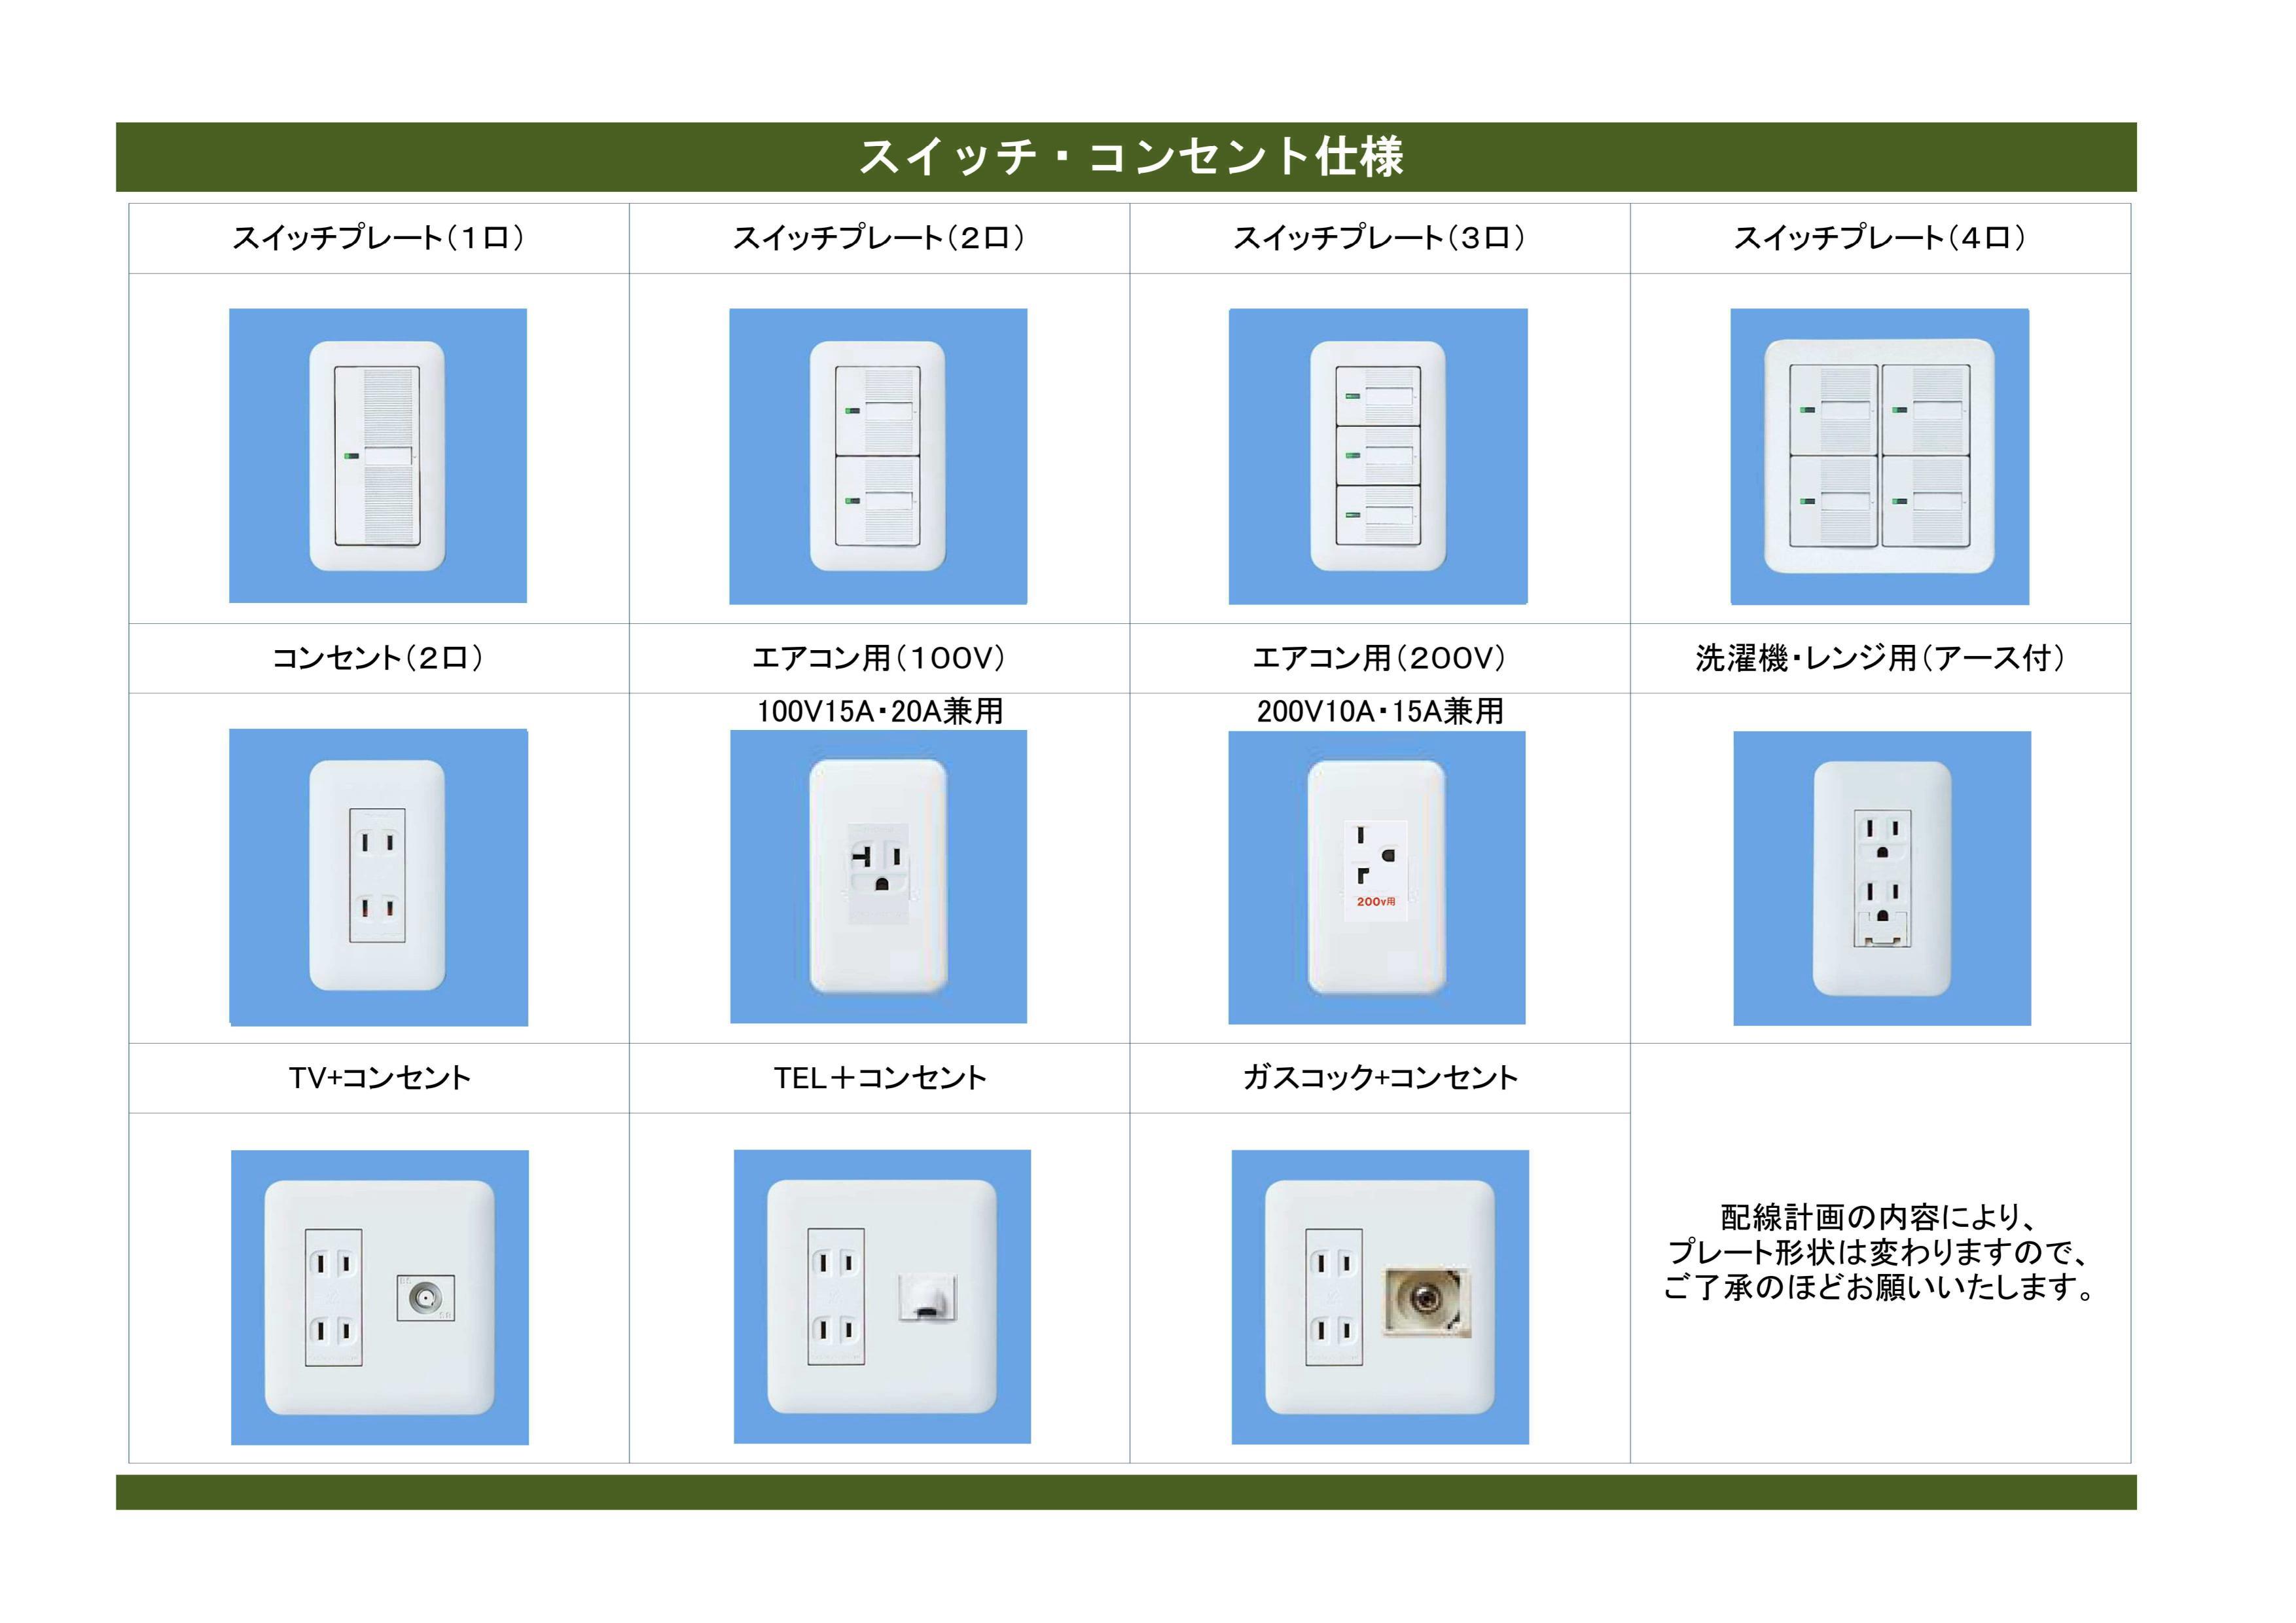 テレビドアホン・照明器具&換気・防災設備